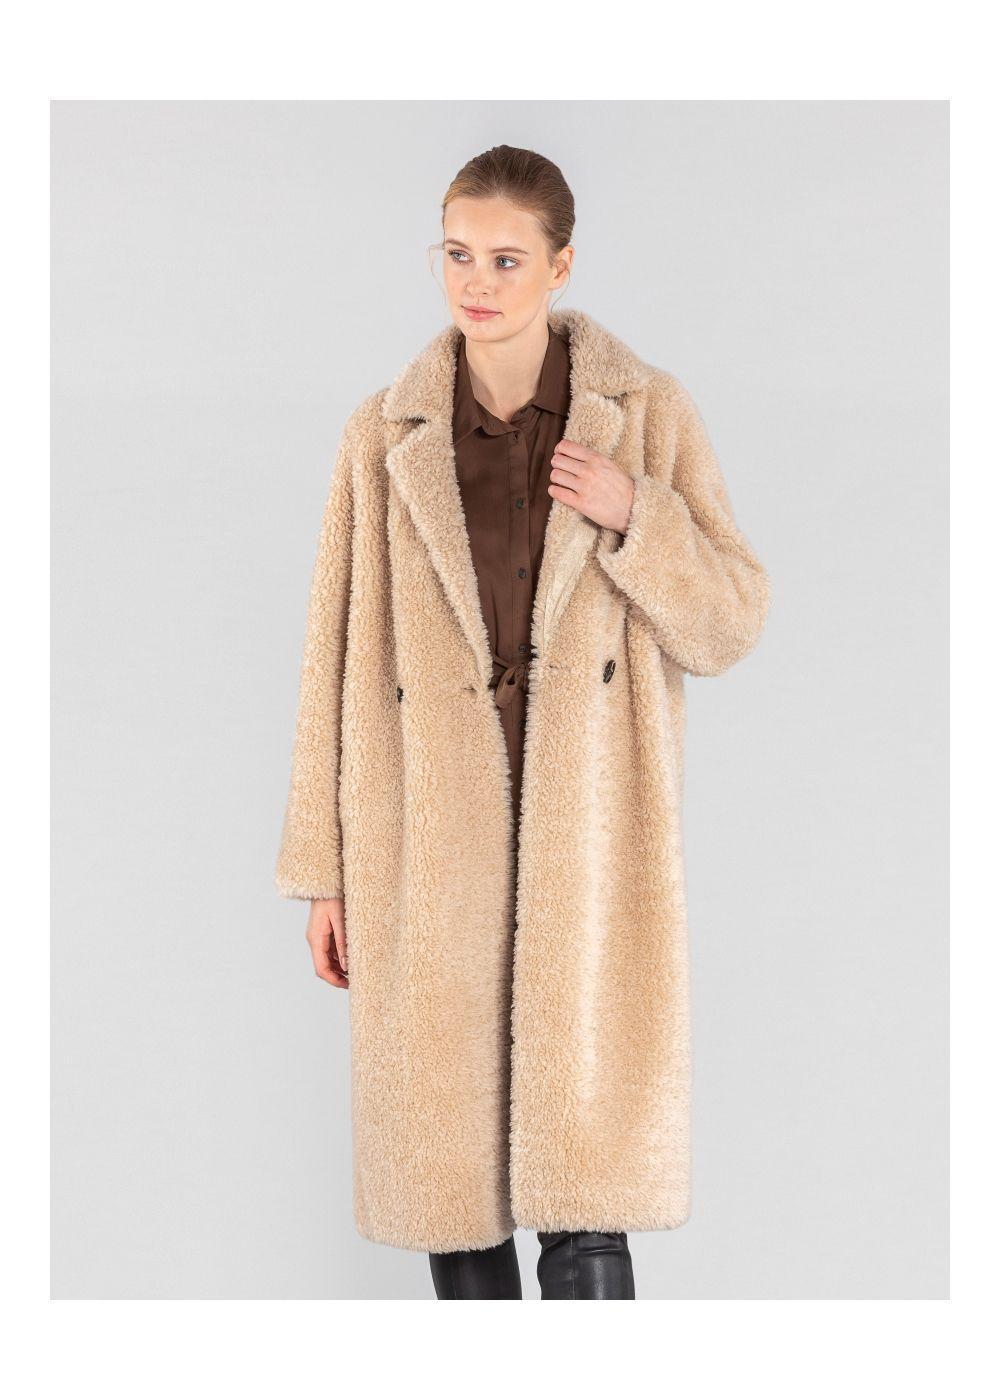 Długie futro damskie w beżowym kolorze FUTDT-0035-81(Z20)